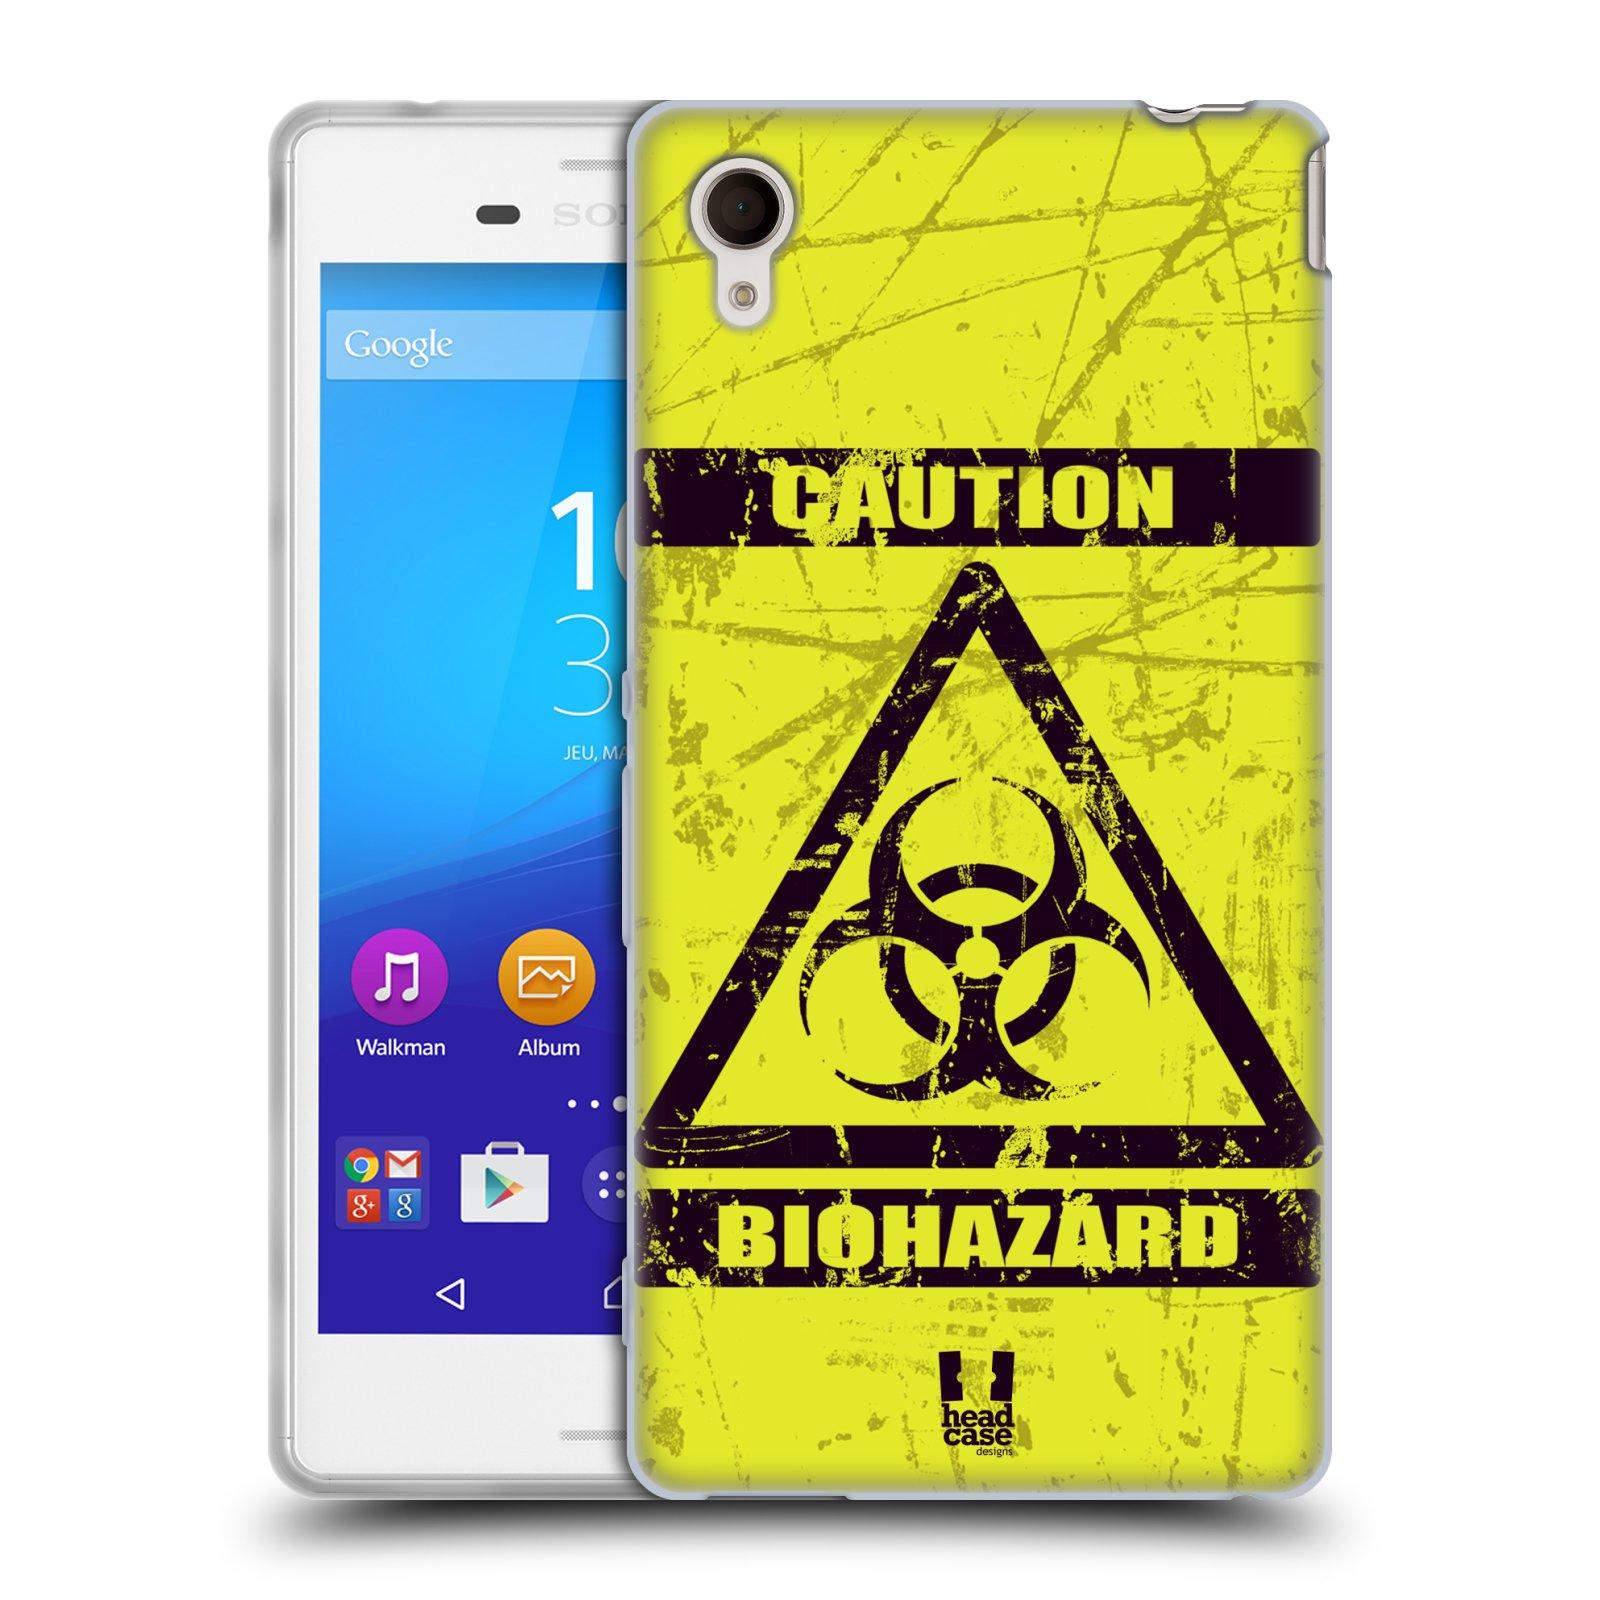 Silikonové pouzdro na mobil Sony Xperia M4 Aqua E2303 HEAD CASE BIOHAZARD (Silikonový kryt či obal na mobilní telefon Sony Xperia M4 Aqua a M4 Aqua Dual SIM)